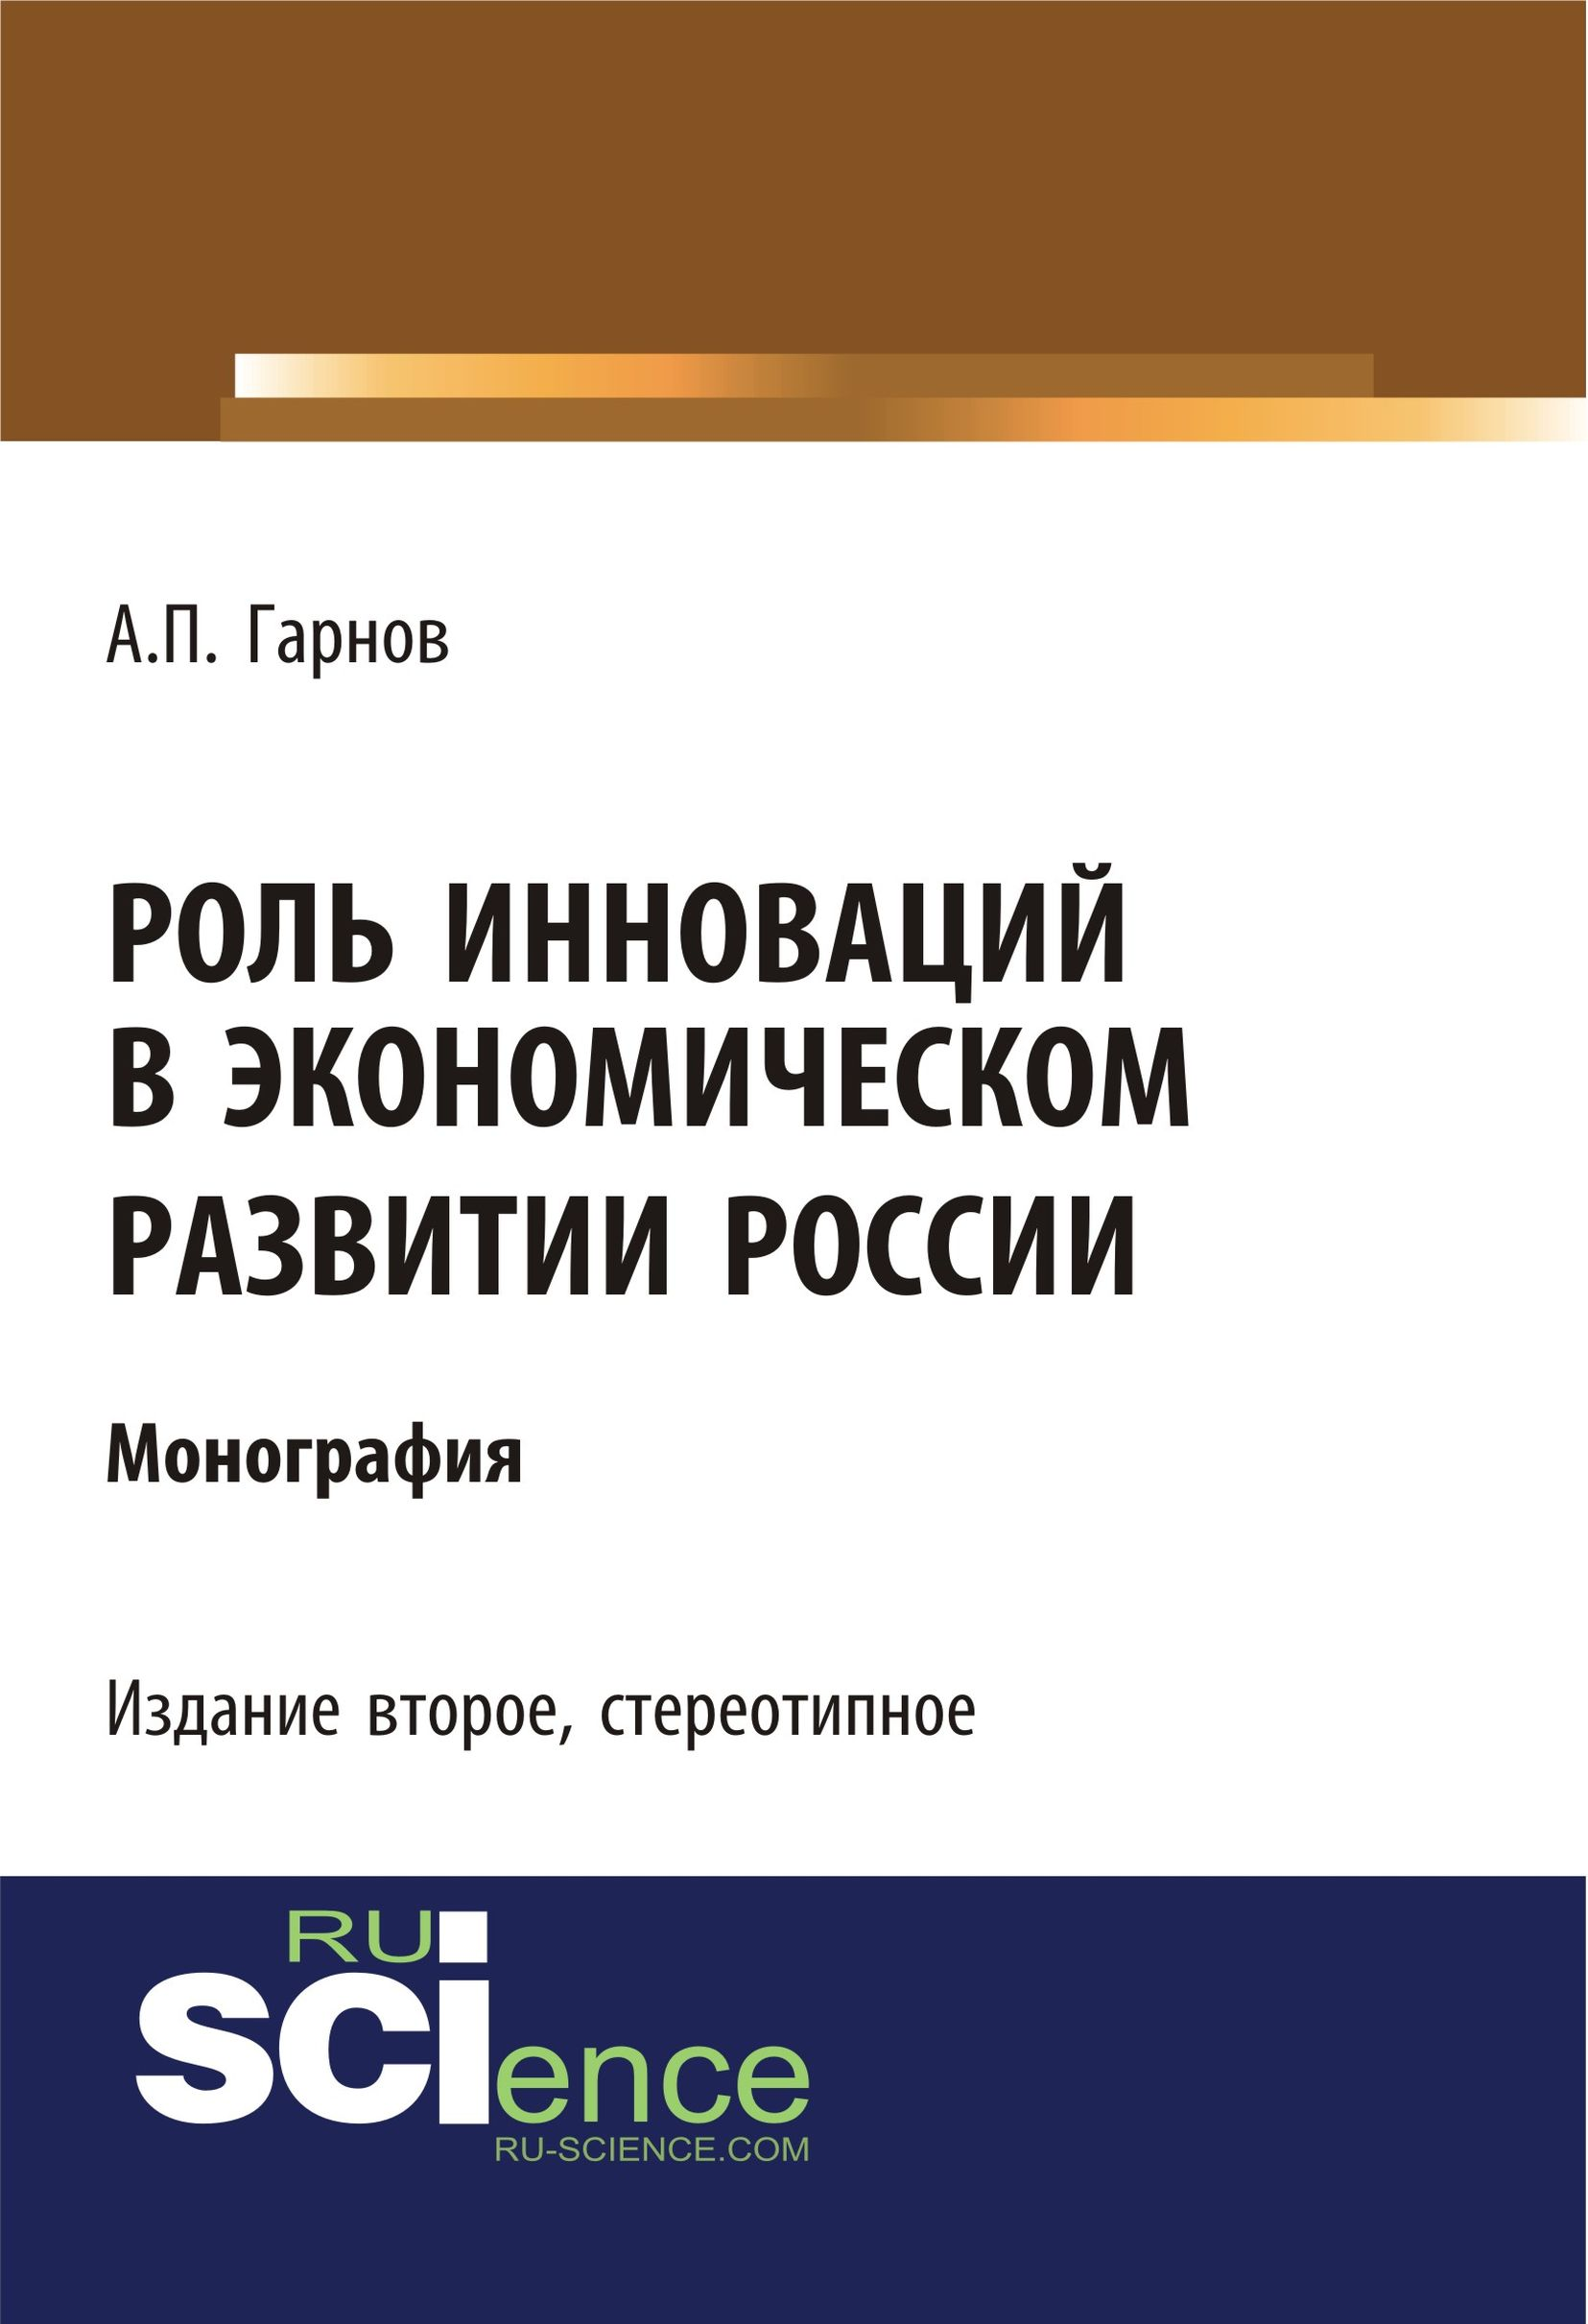 купить Андрей Петрович Гарнов Роль инноваций в экономическом развитии России онлайн